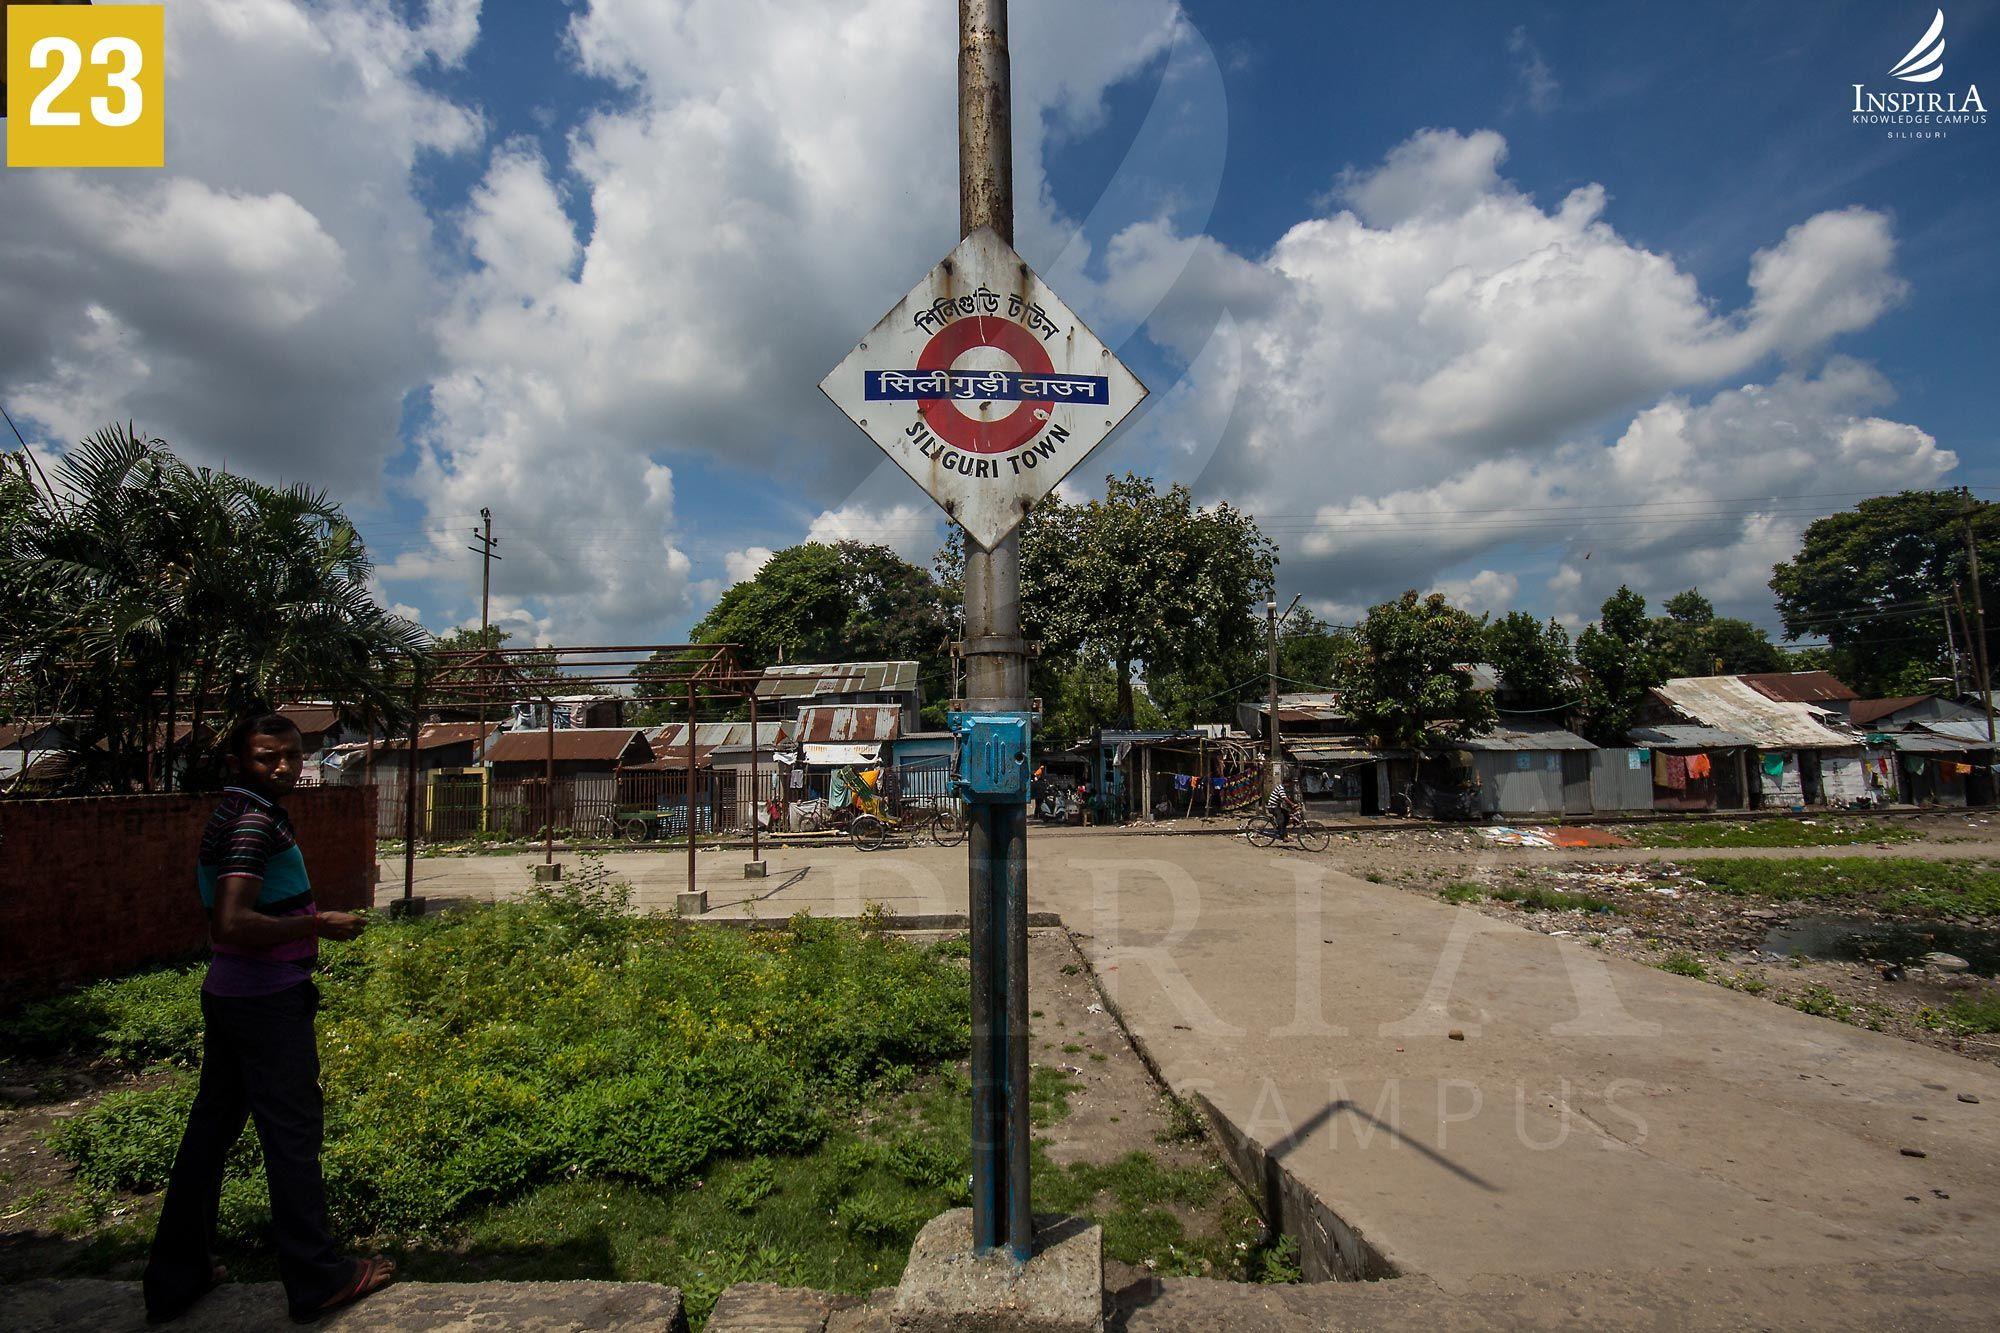 Siliguri-town-railway-station-board-wb